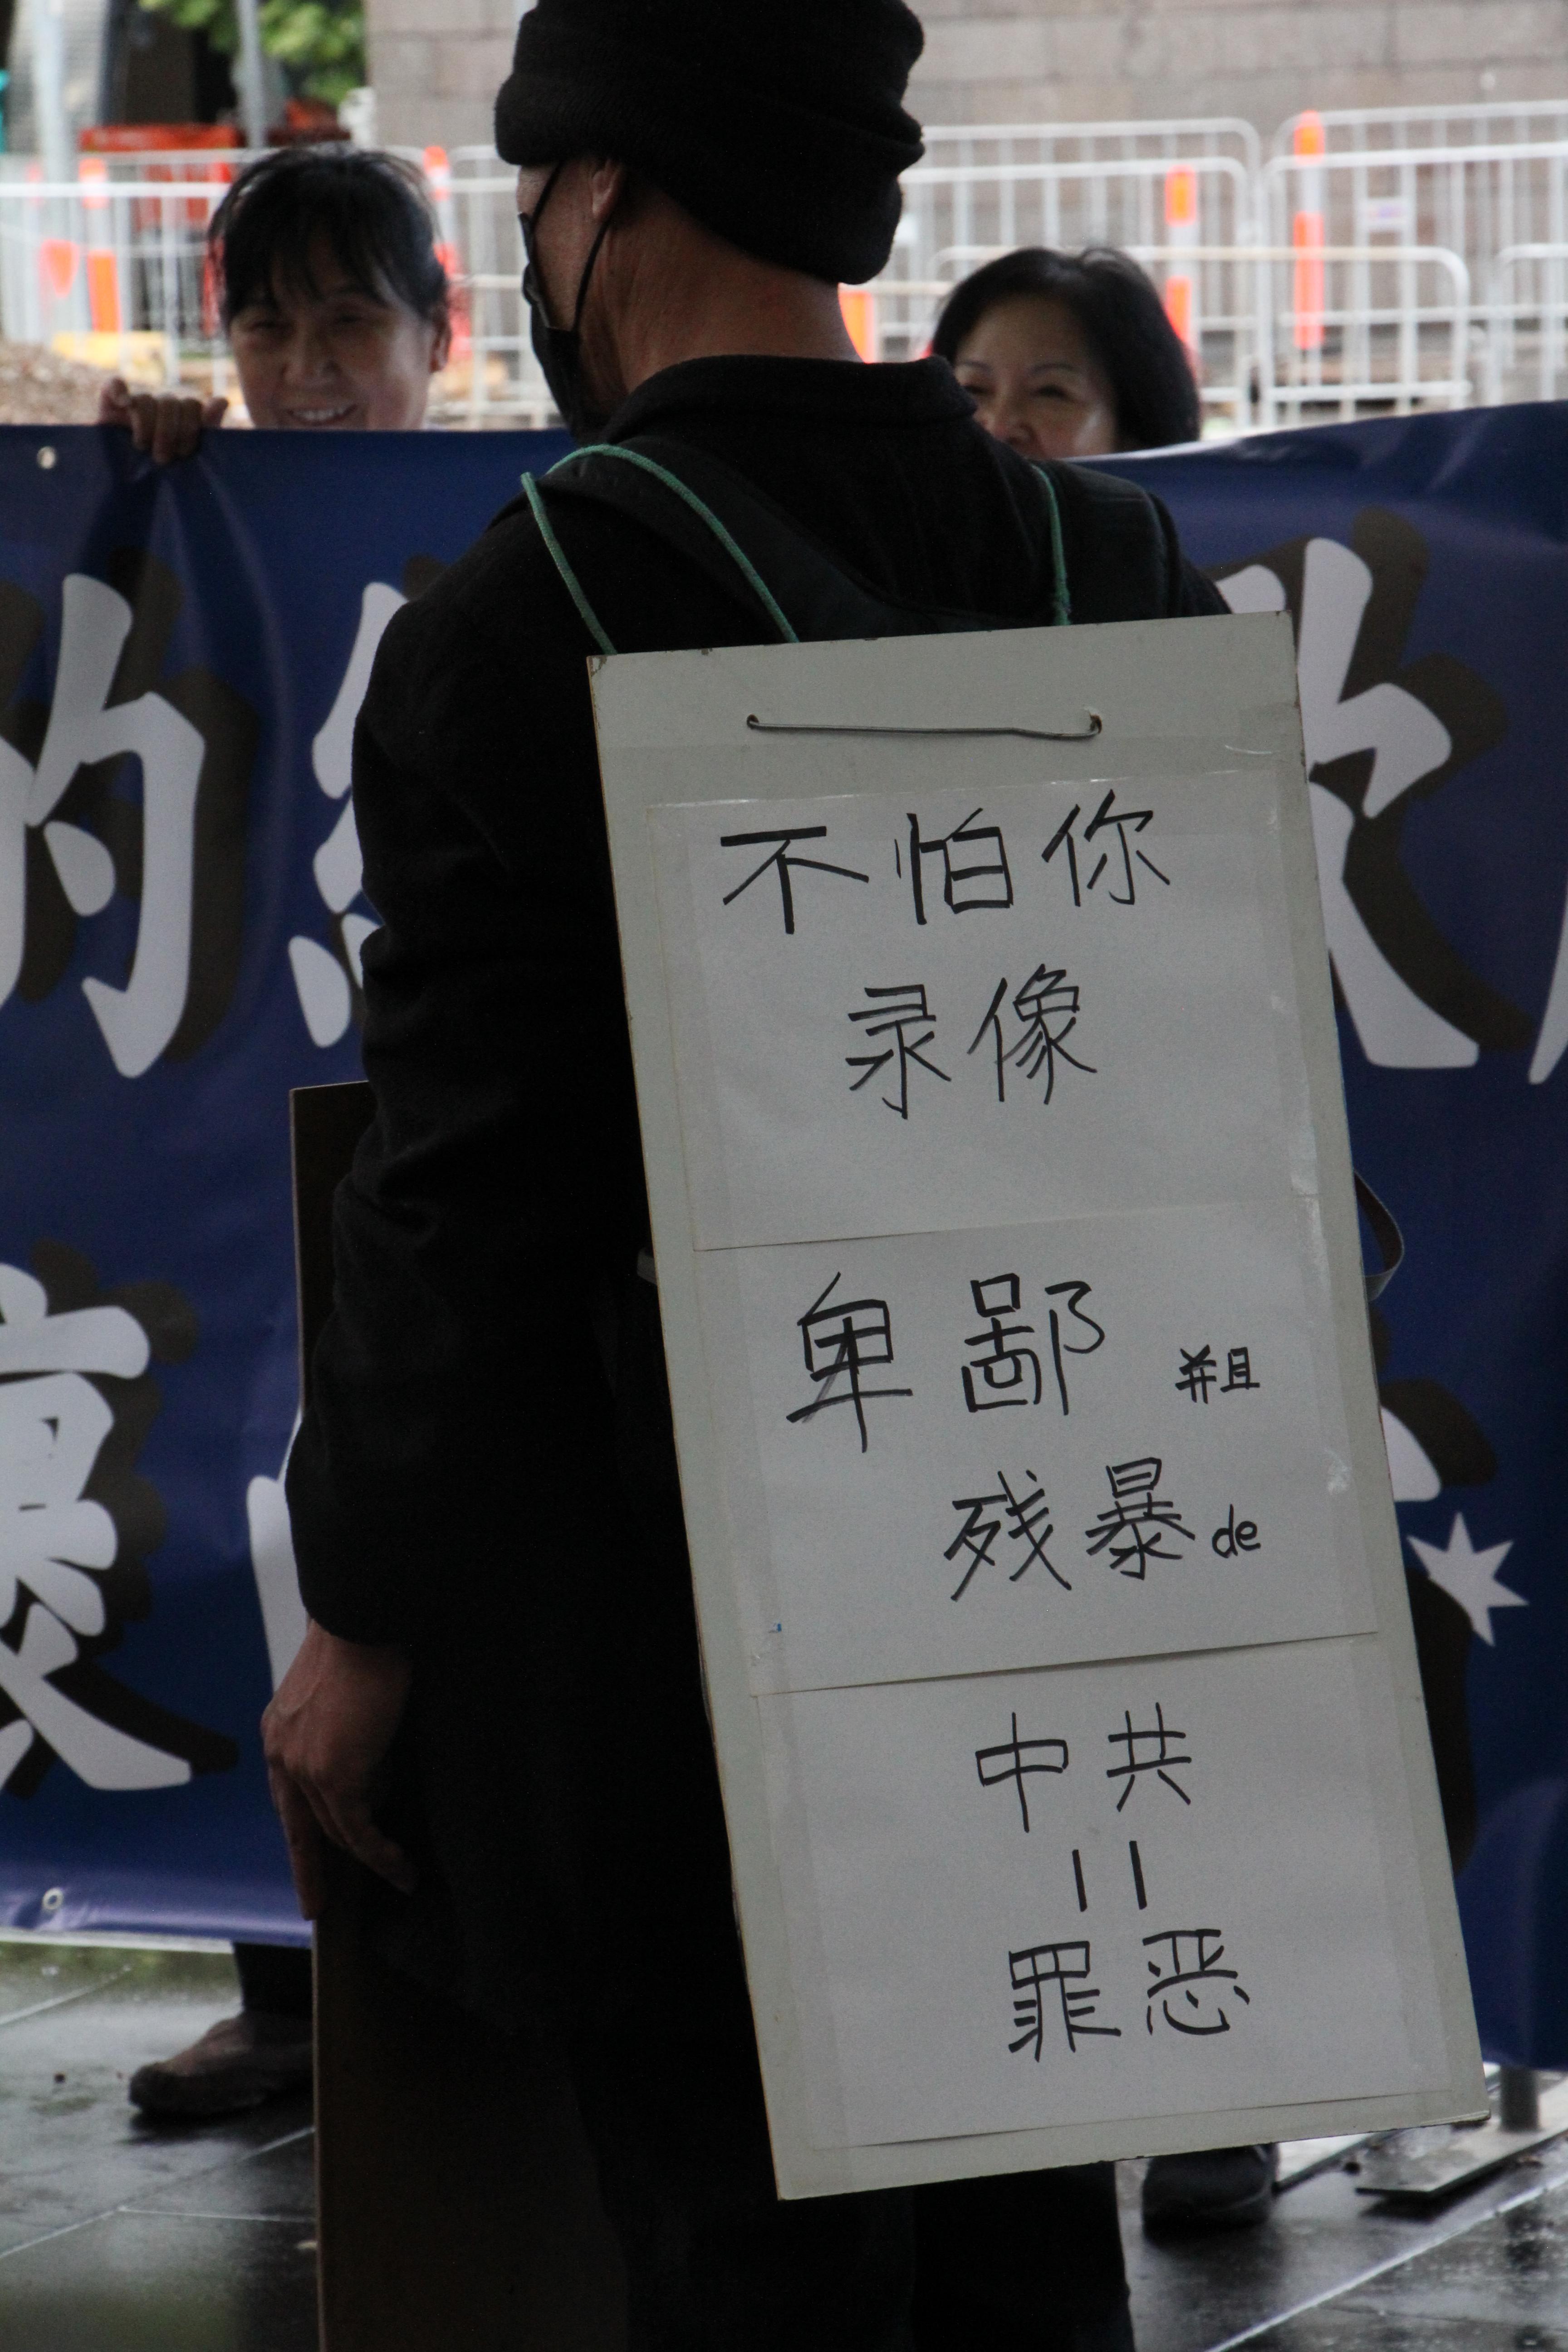 11月7日,墨爾本抗議者身上背著的展板標語。(Thoai/大紀元)